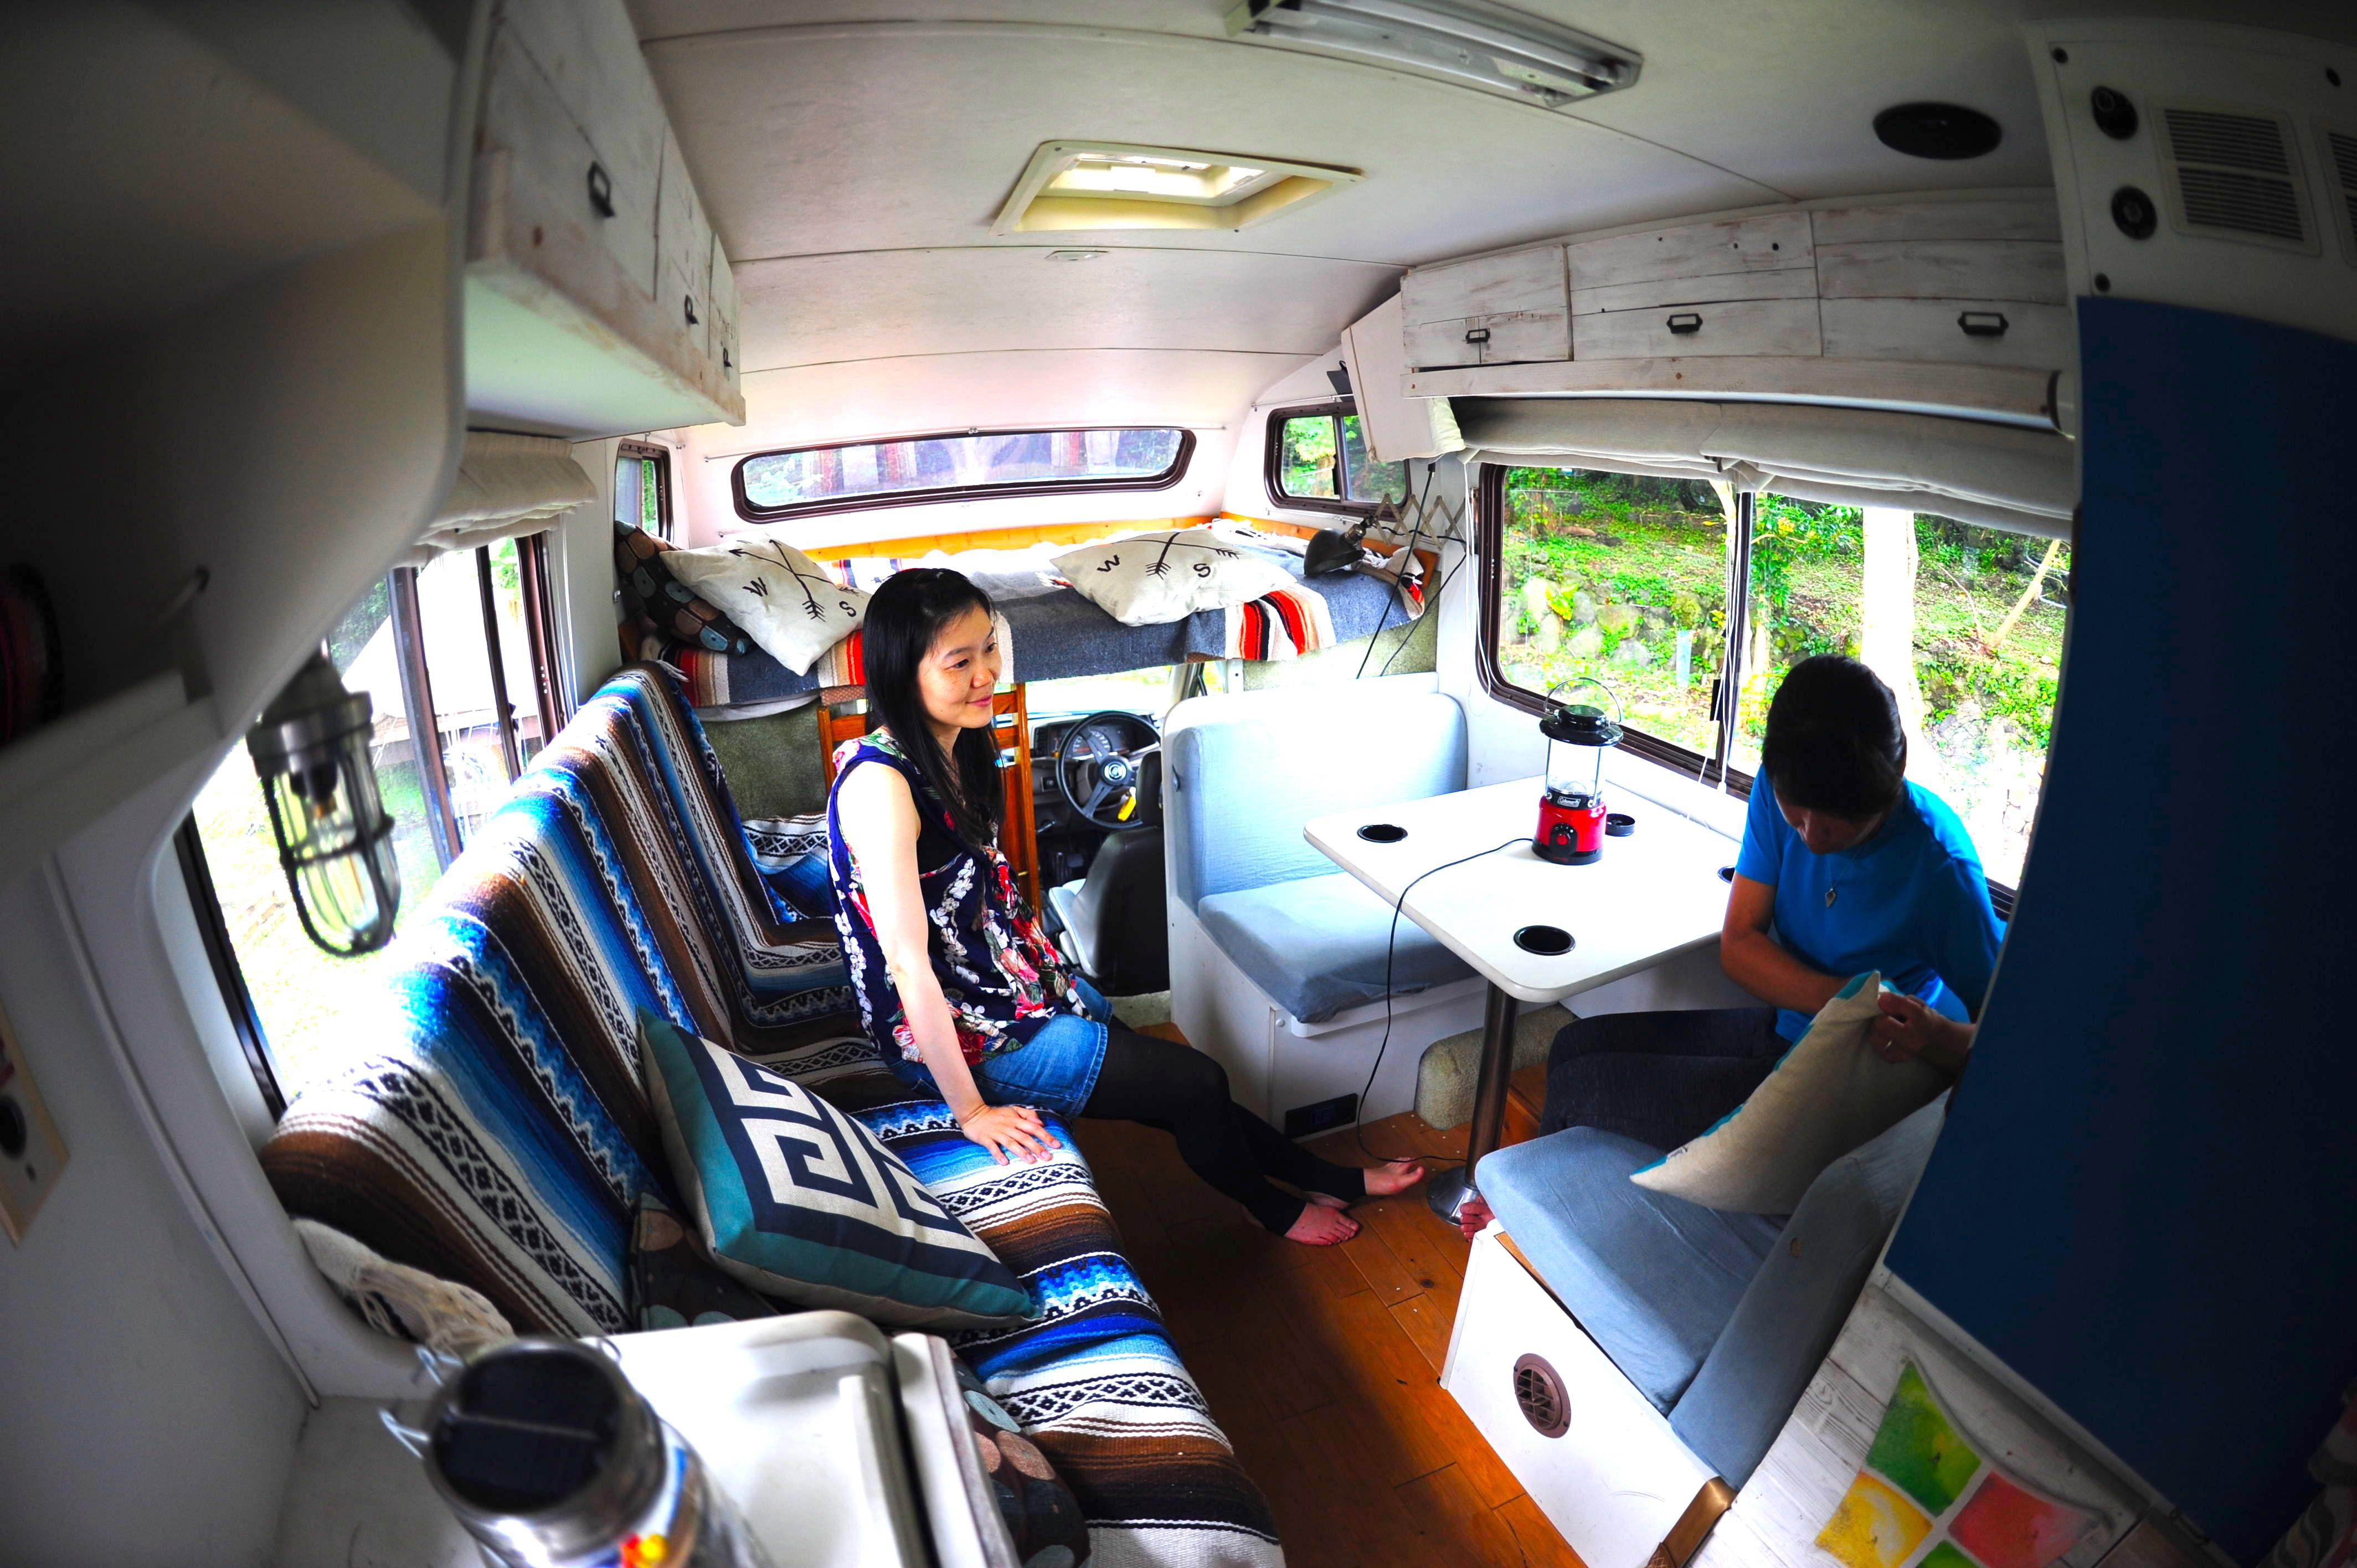 【1日限定1組】キャンピングカー宿泊出来ます!大人2名さま+子供2名さまぐらいまで宿泊できます。(事前予約が必要です)車内でお料理はできません。